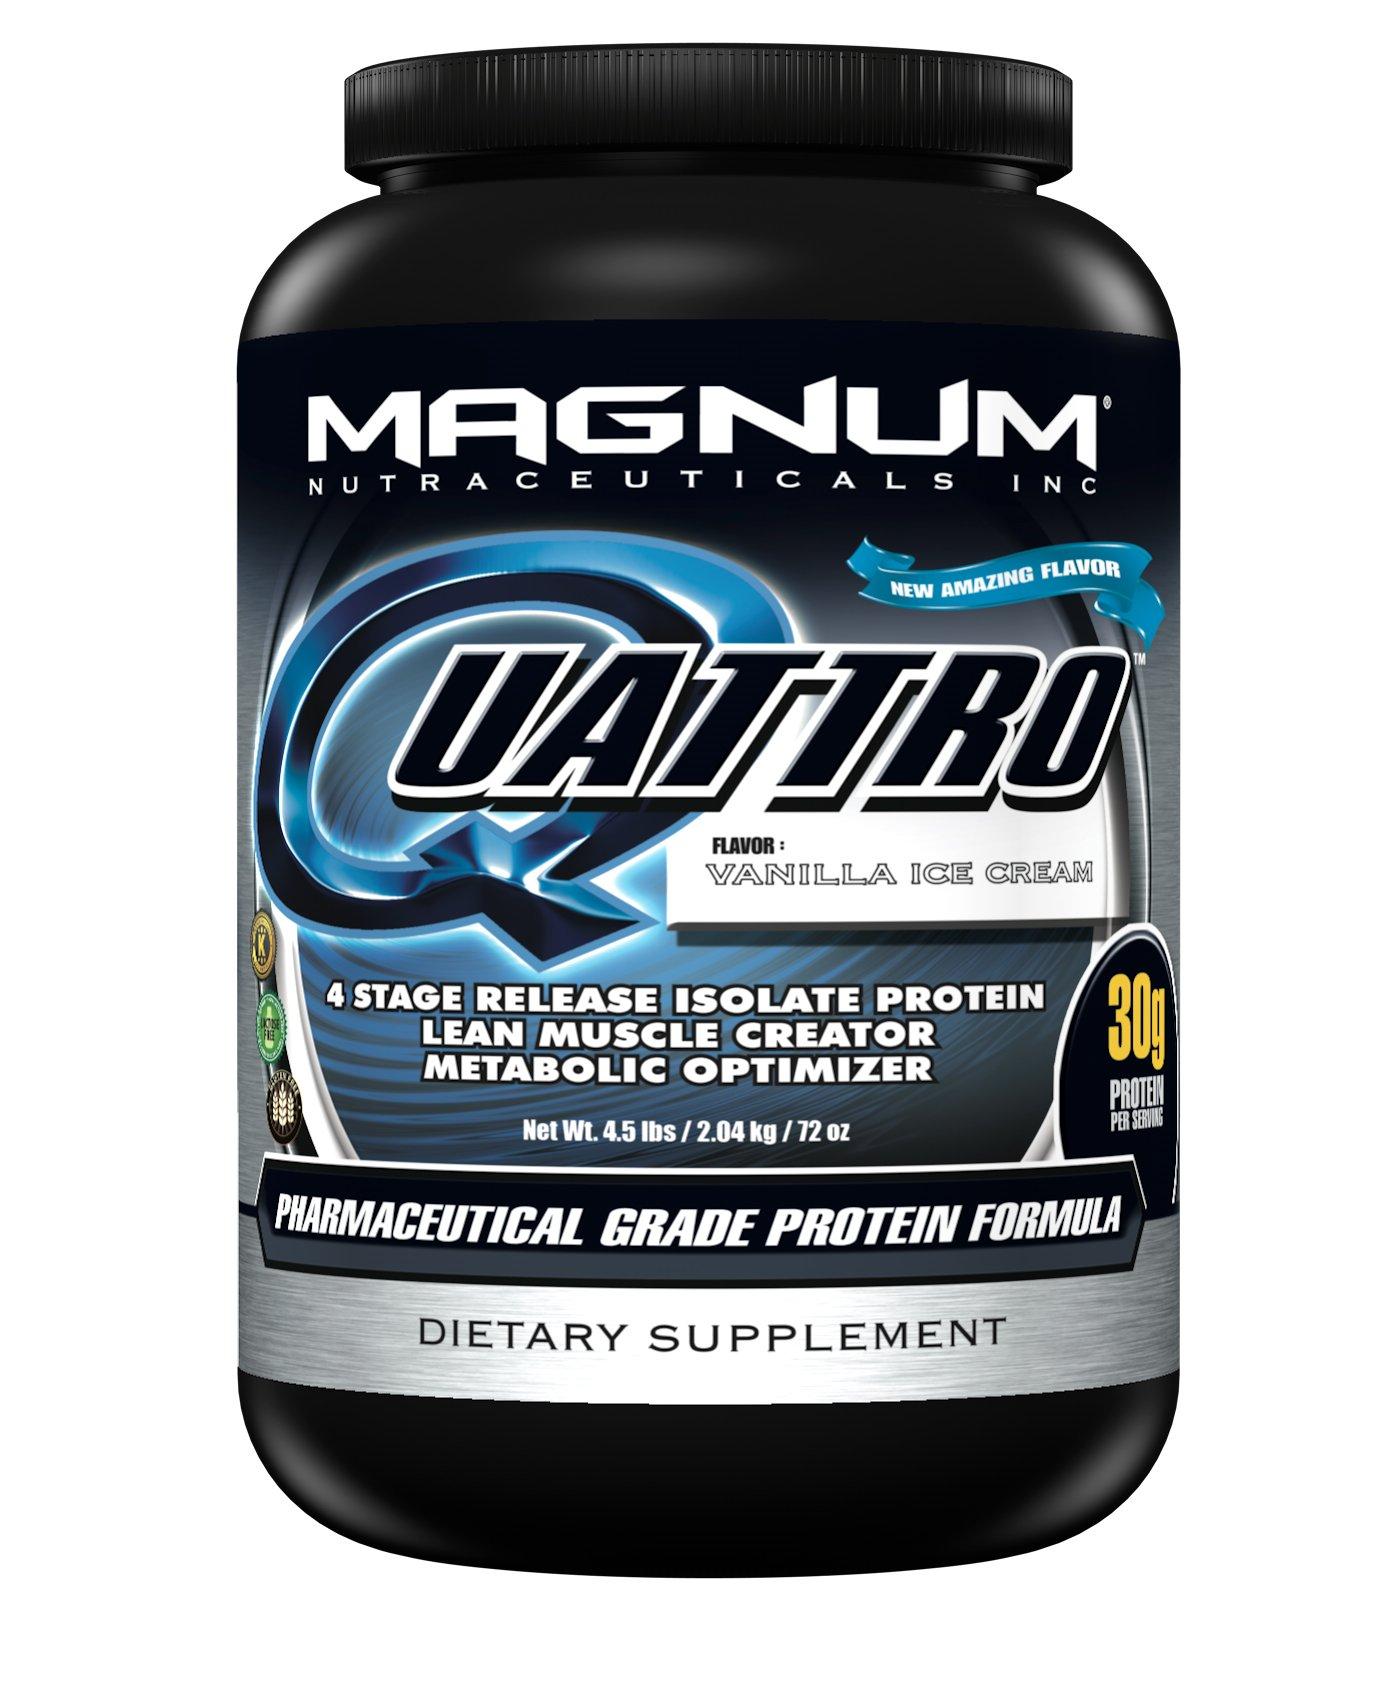 Magnum Nutraceuticals Quattro Supplement, Vanilla Ice Cream, 4.5 Pound